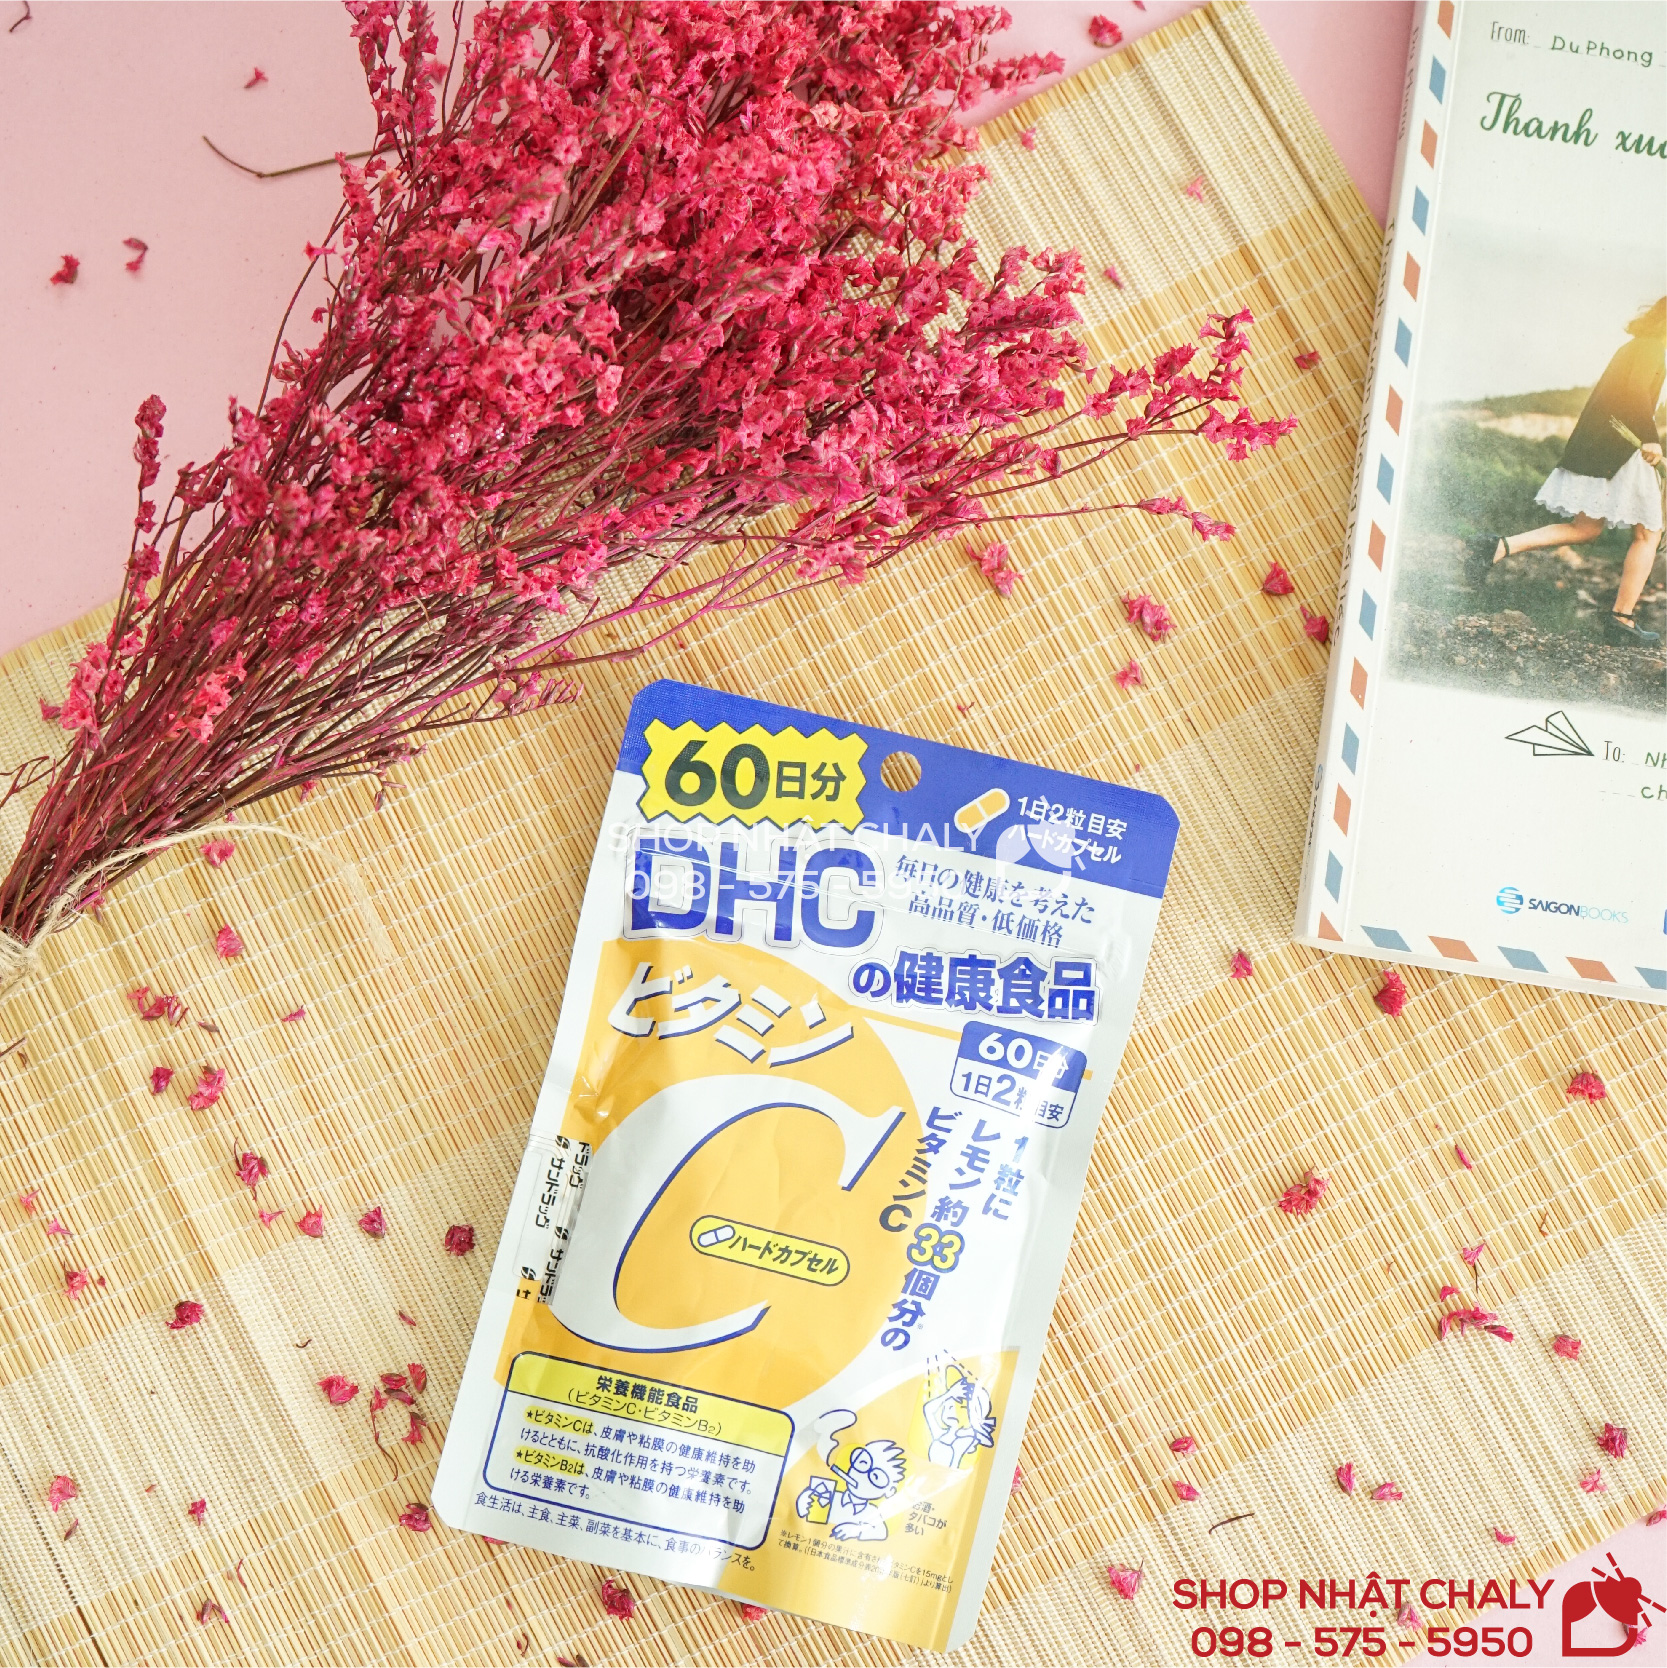 Viên uống vitamin C DHC 60 ngày của Nhật mẫu mới nhất, thay đổi về bao bì của 2019